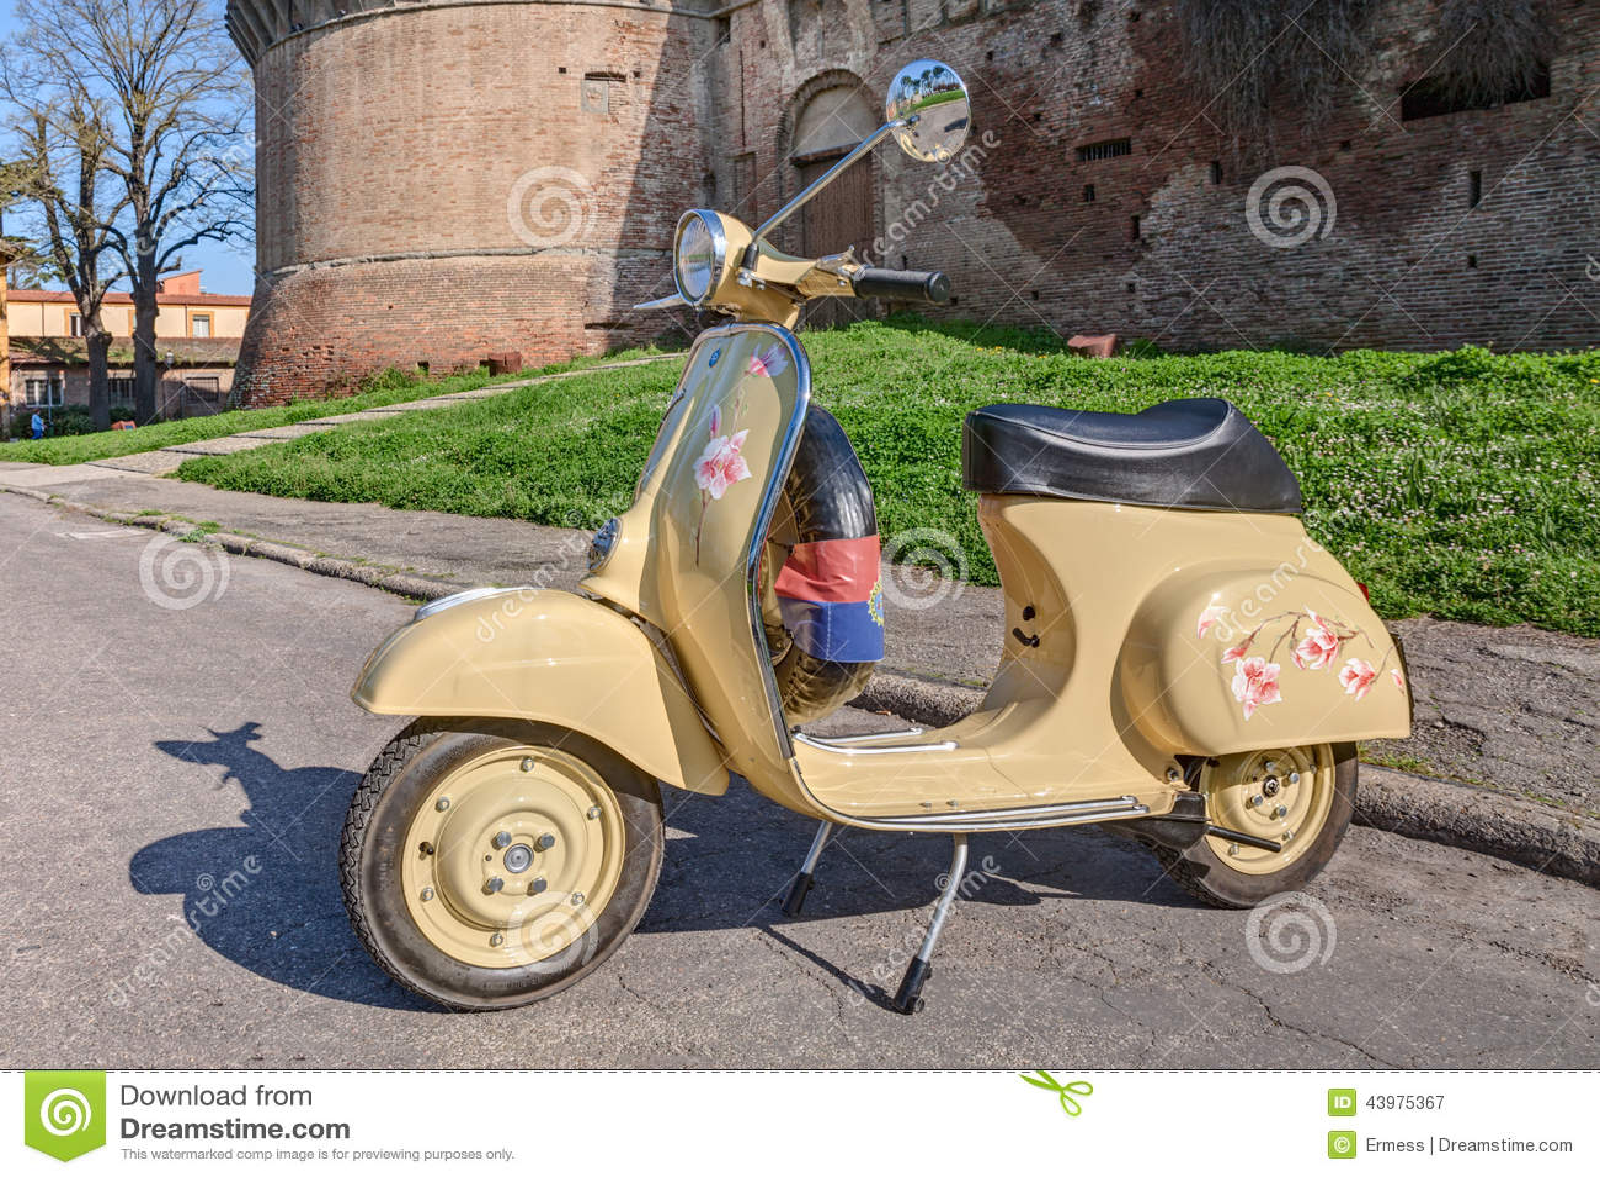 Italian moped 14